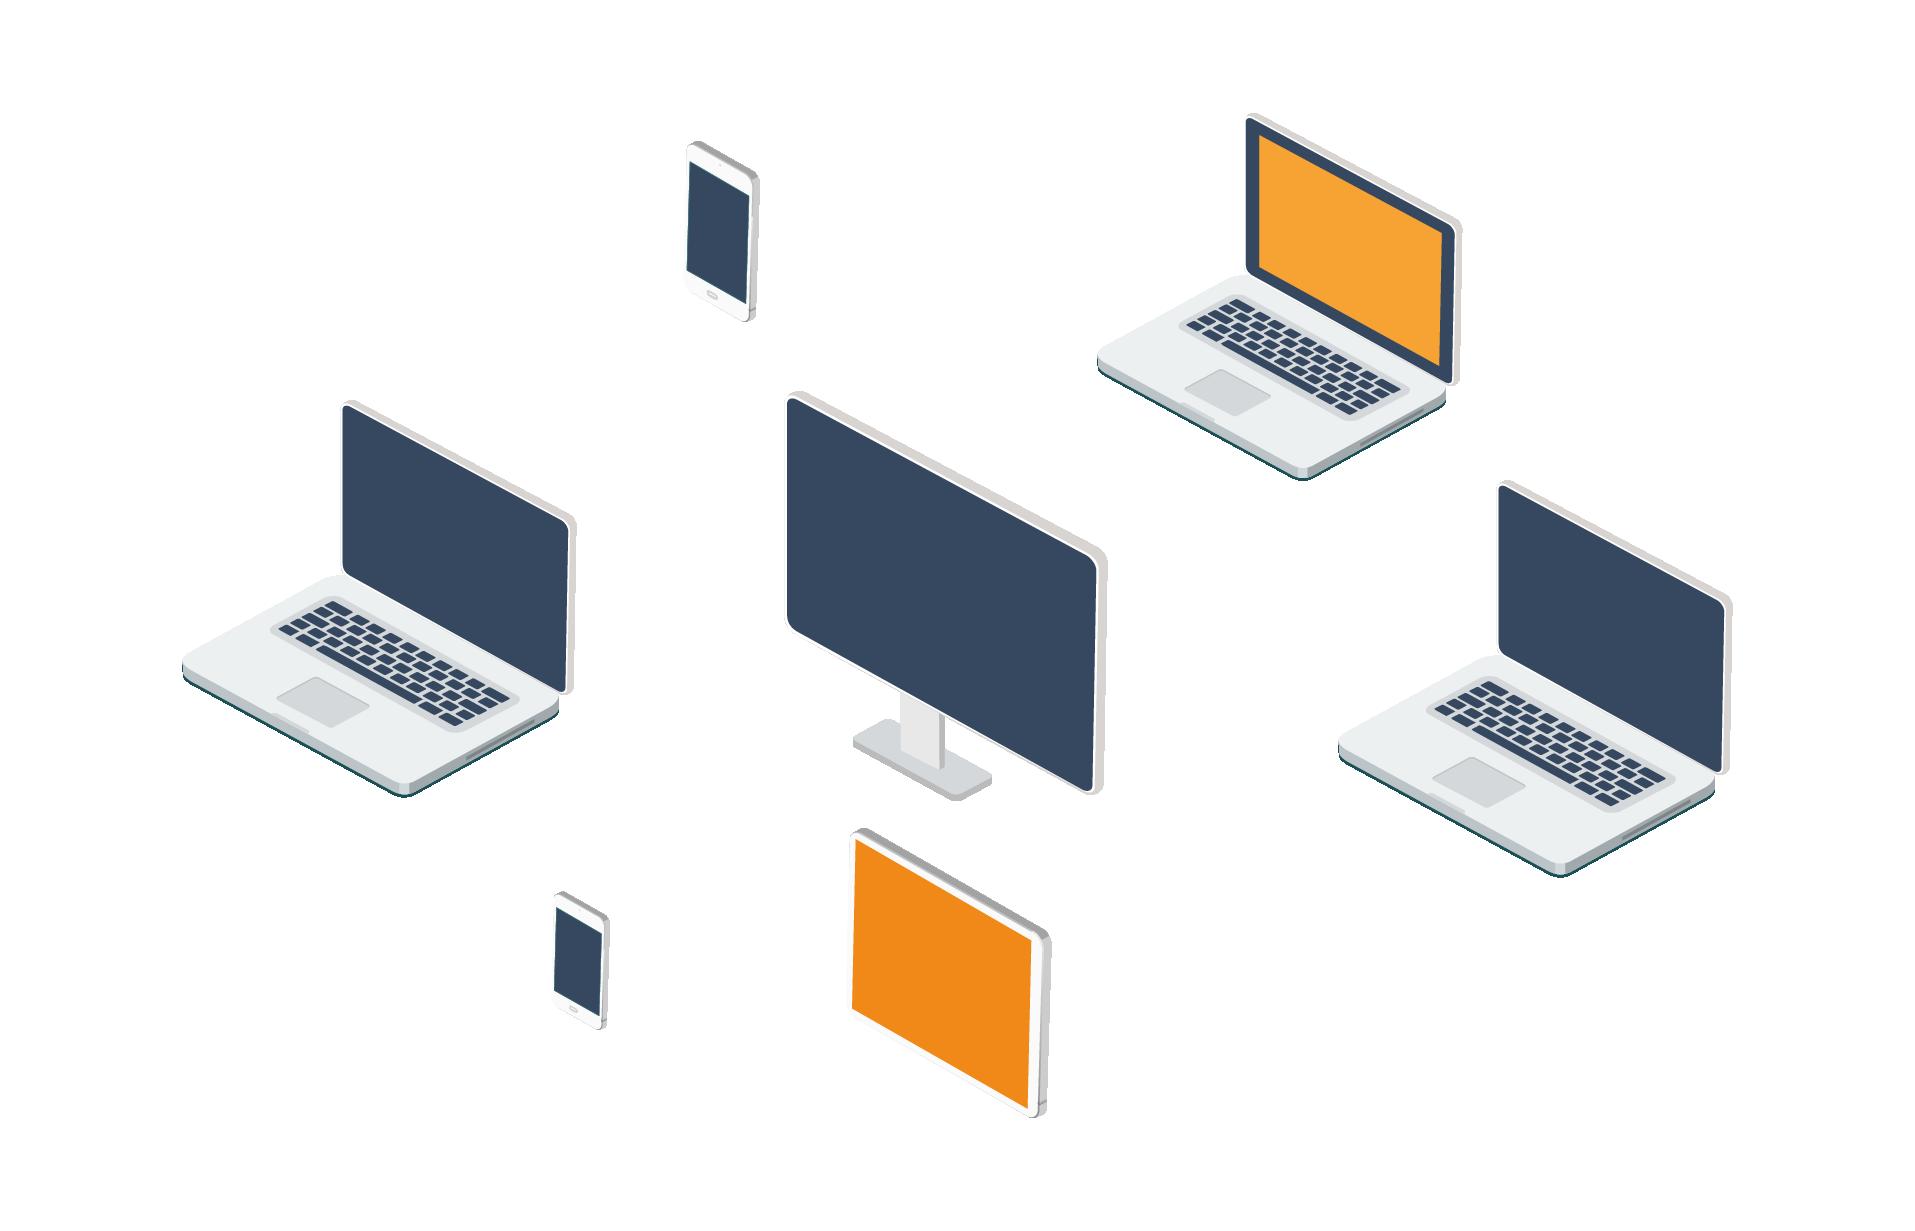 L'image contient des liens entre des ordinateurs, qui représentent des hyperliens entre sites.